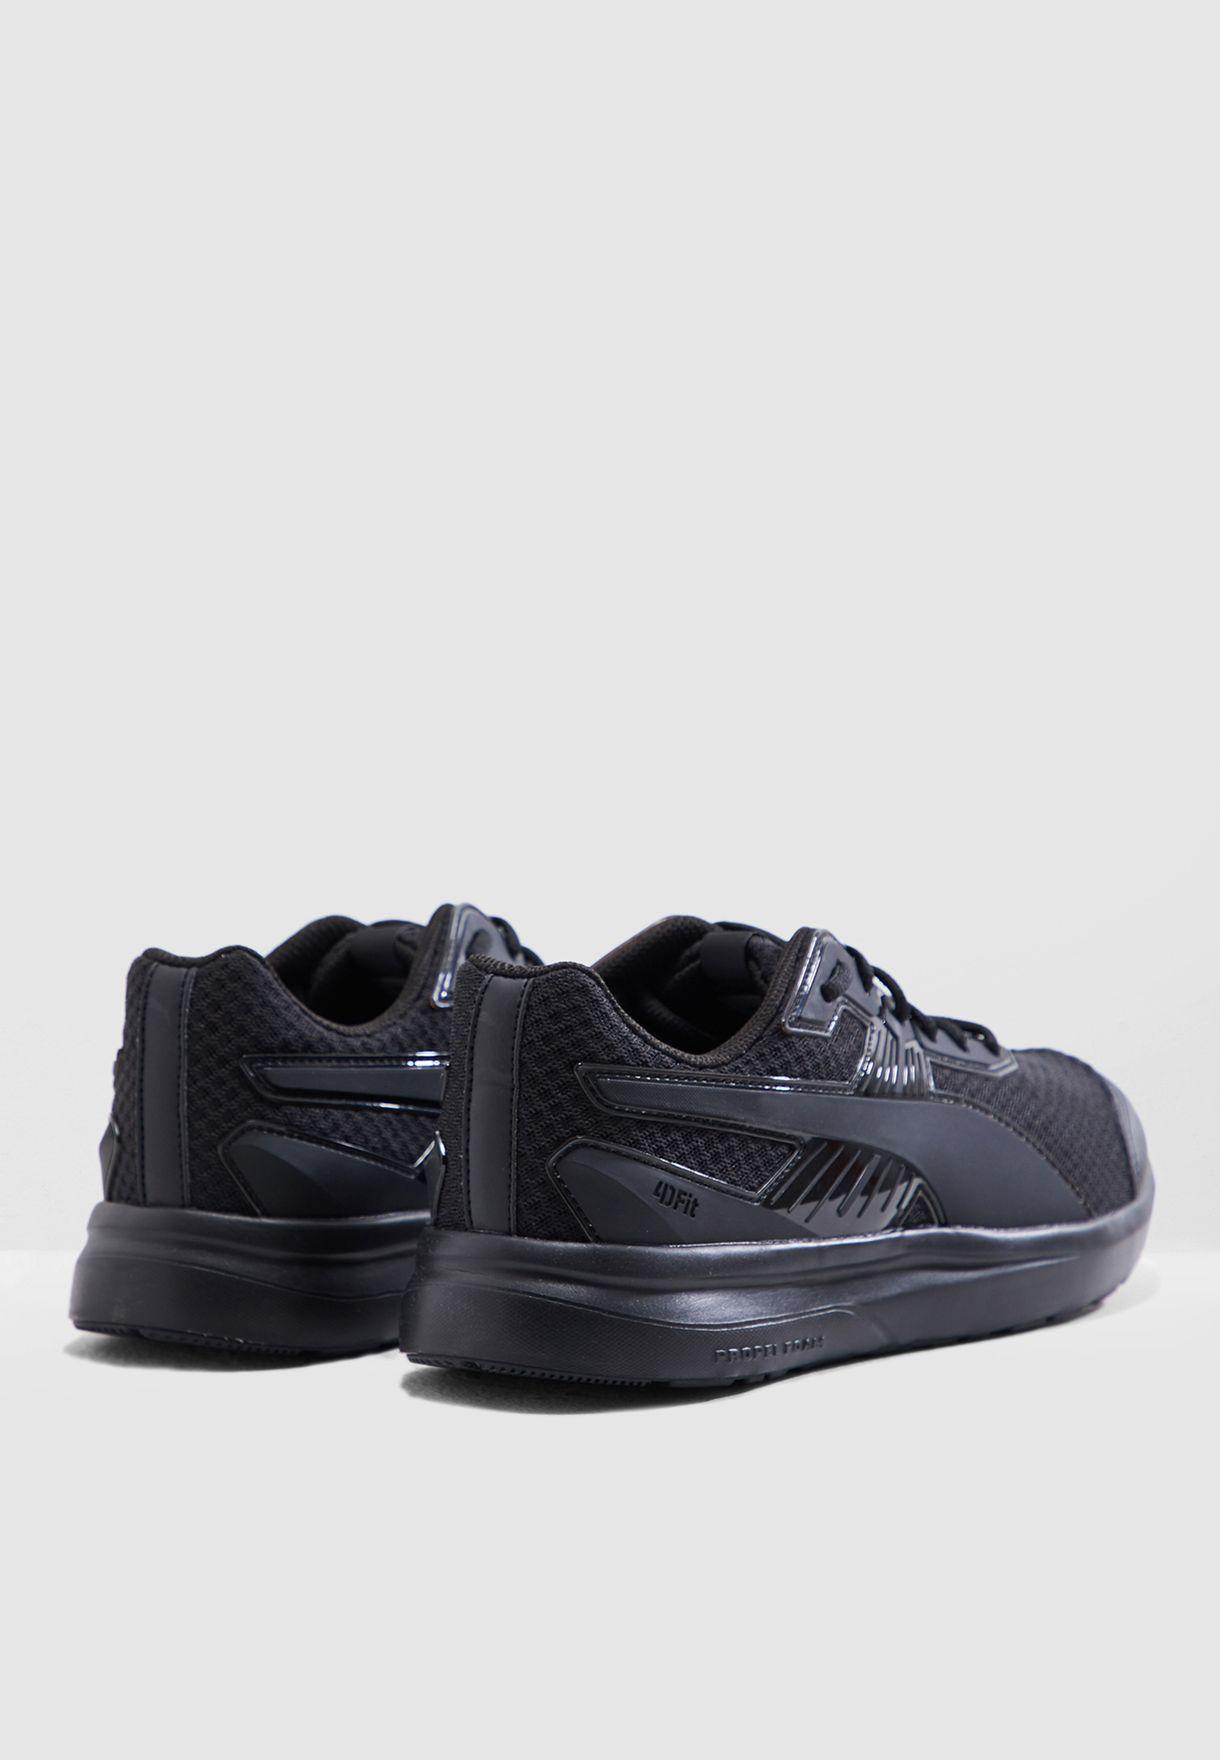 حذاء اسكيبر برو